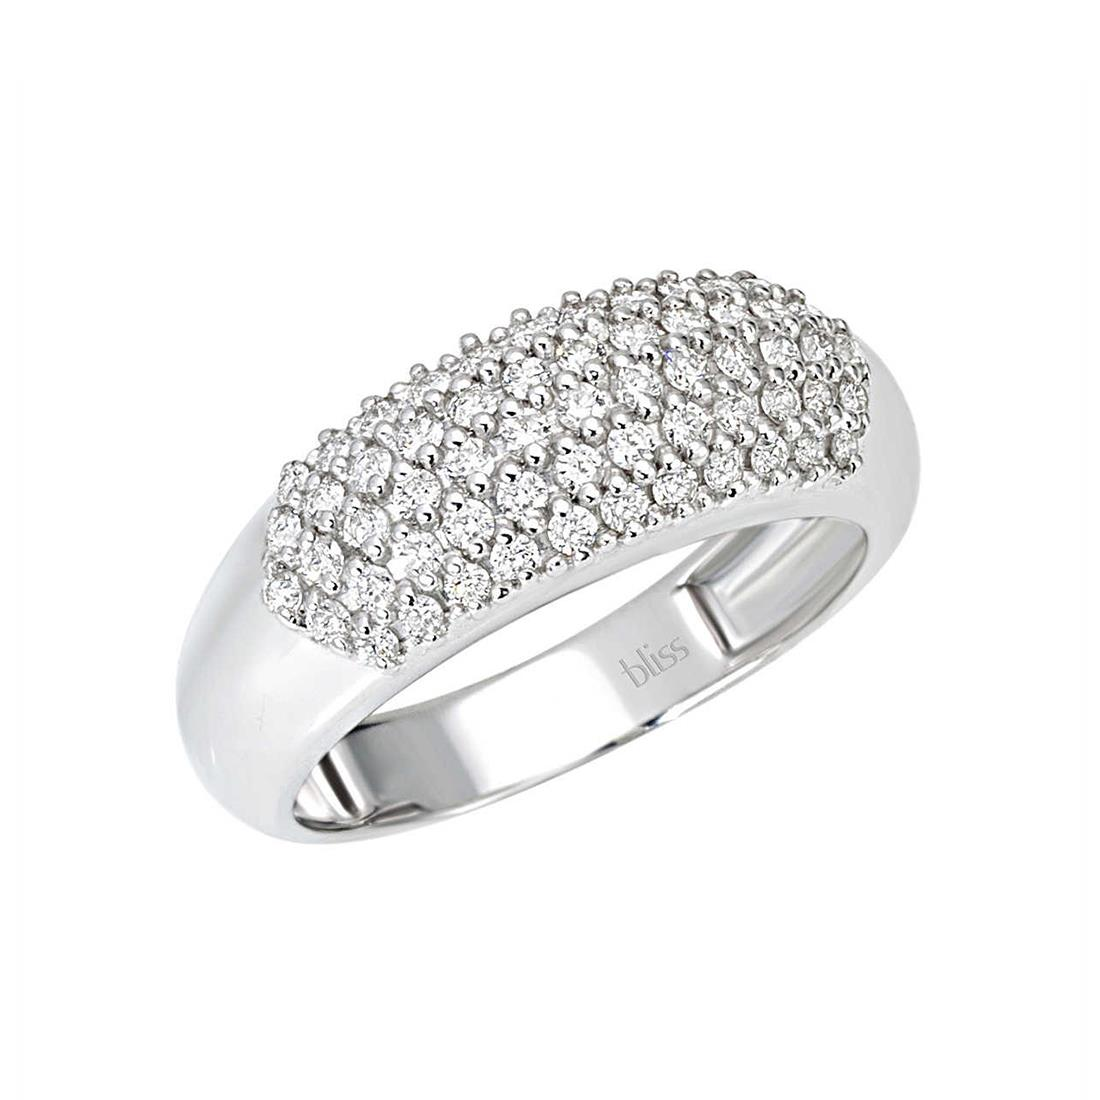 Anello in oro bianco con diamanti  - BLISS